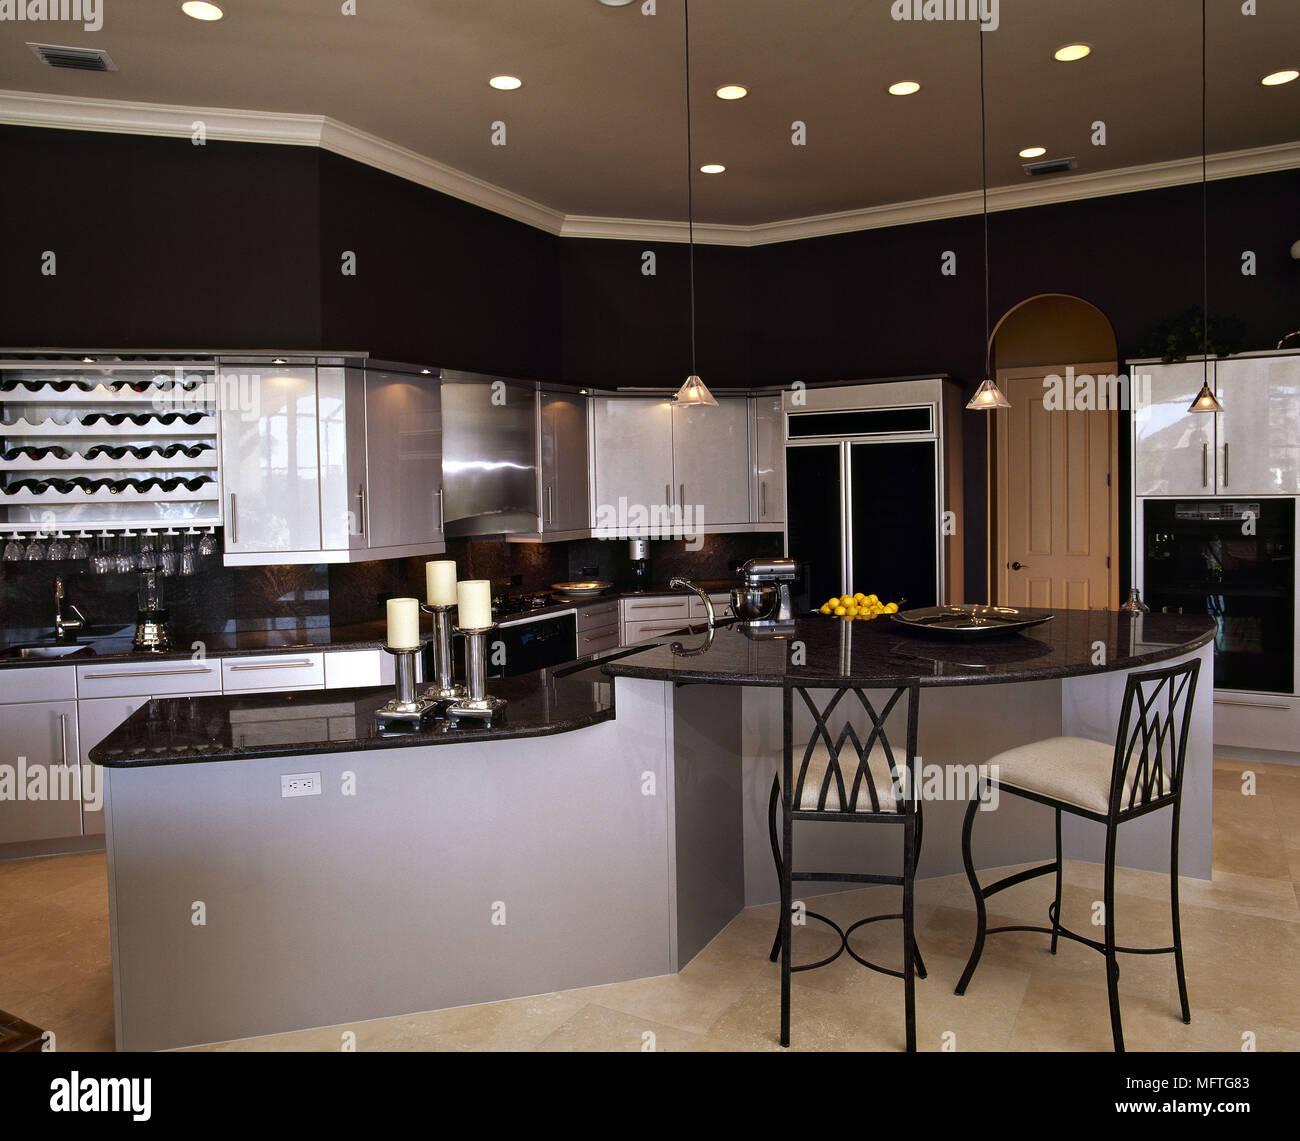 Moderne Kuche Grau Einheiten Aus Schwarzem Granit Arbeitsplatten Zentrale Insel Fruhstuck Barhocker Interieur Kuchen Kuche Diner Diners Stockfotografie Alamy